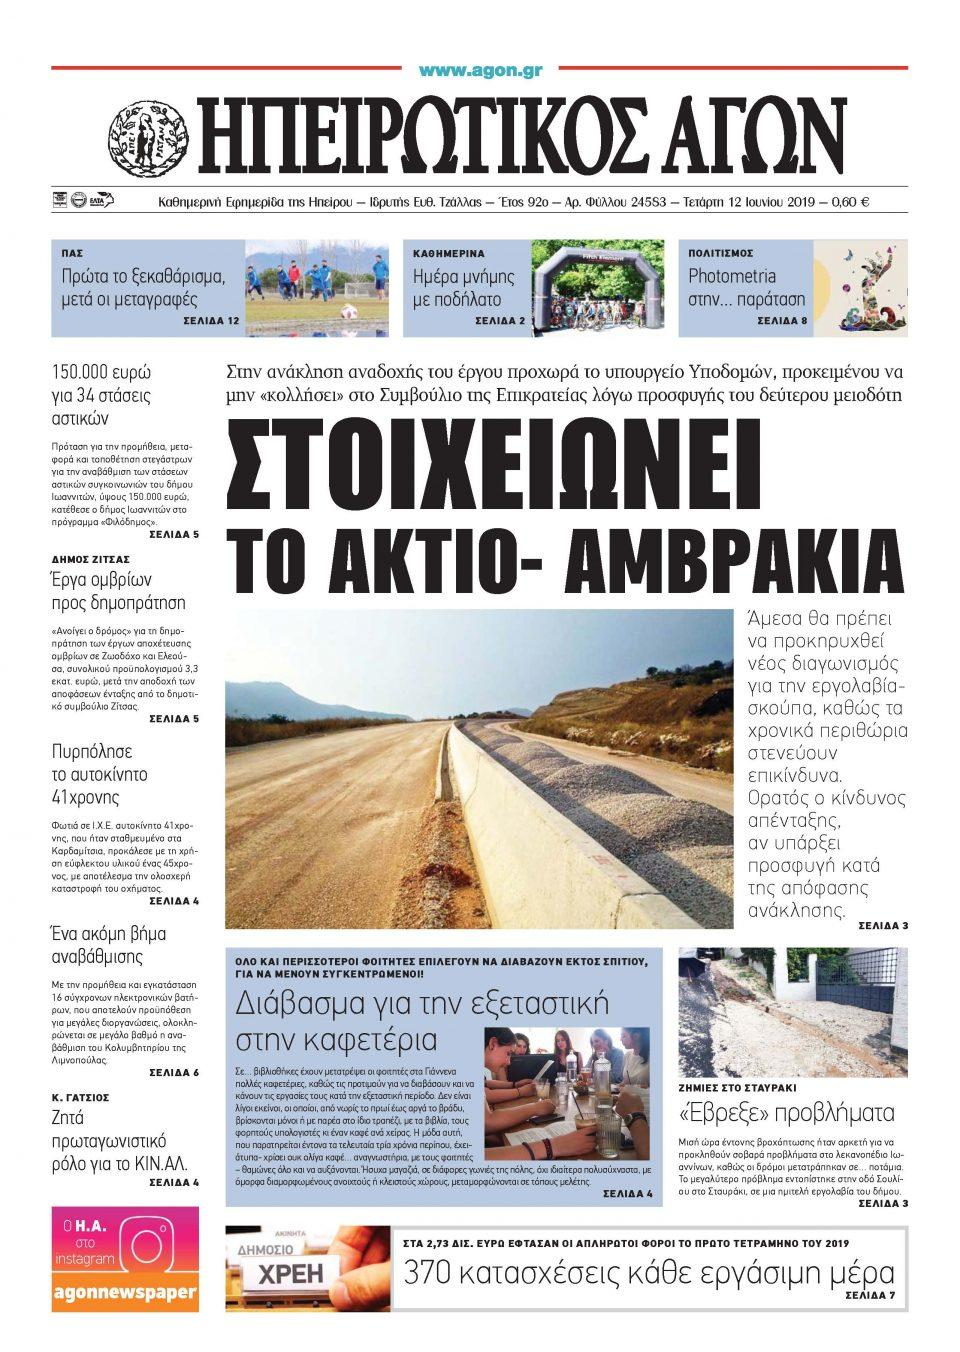 Πρωτοσέλιδο εφημερίδας Ηπειρωτικός Αγών